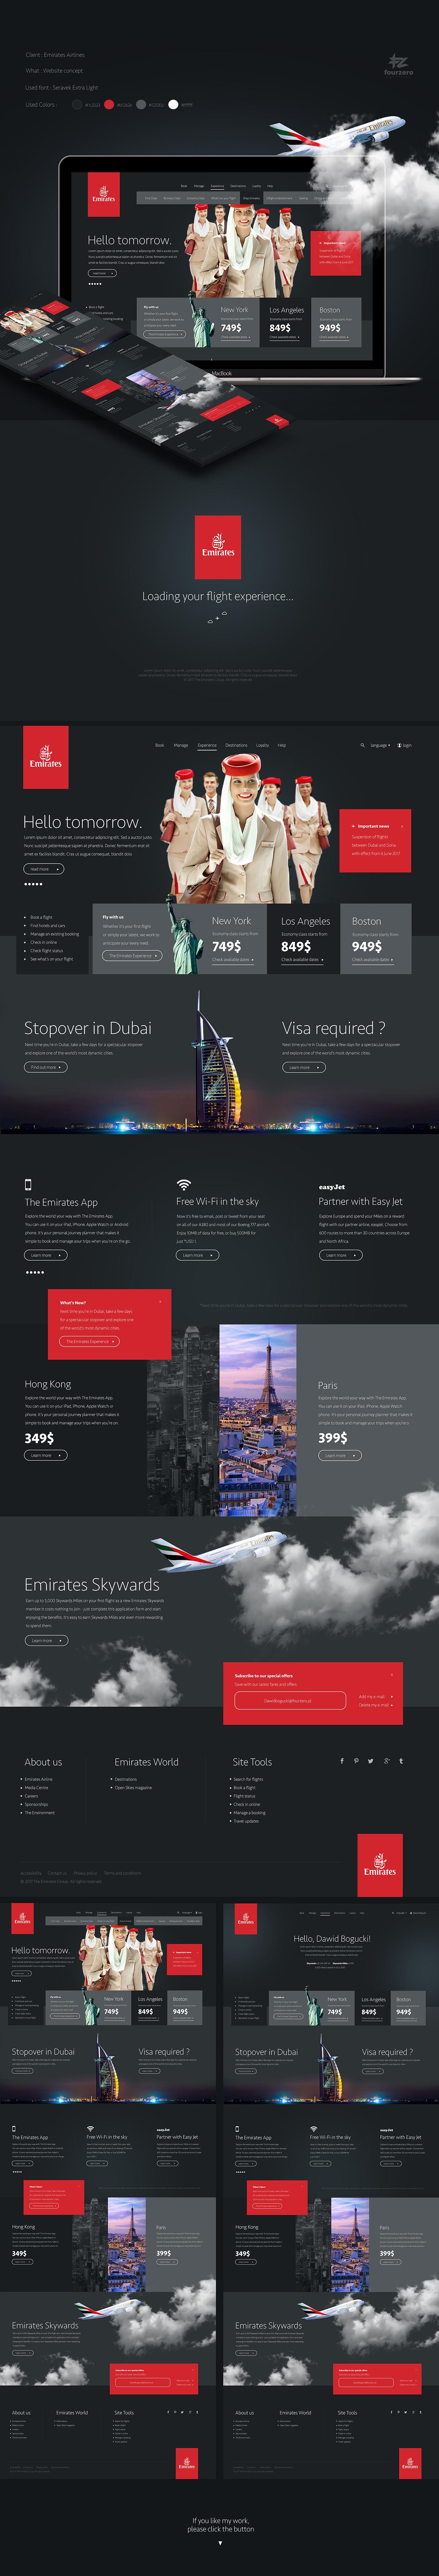 Web Webdesign UI ux emirates elegant design poland clean minimal